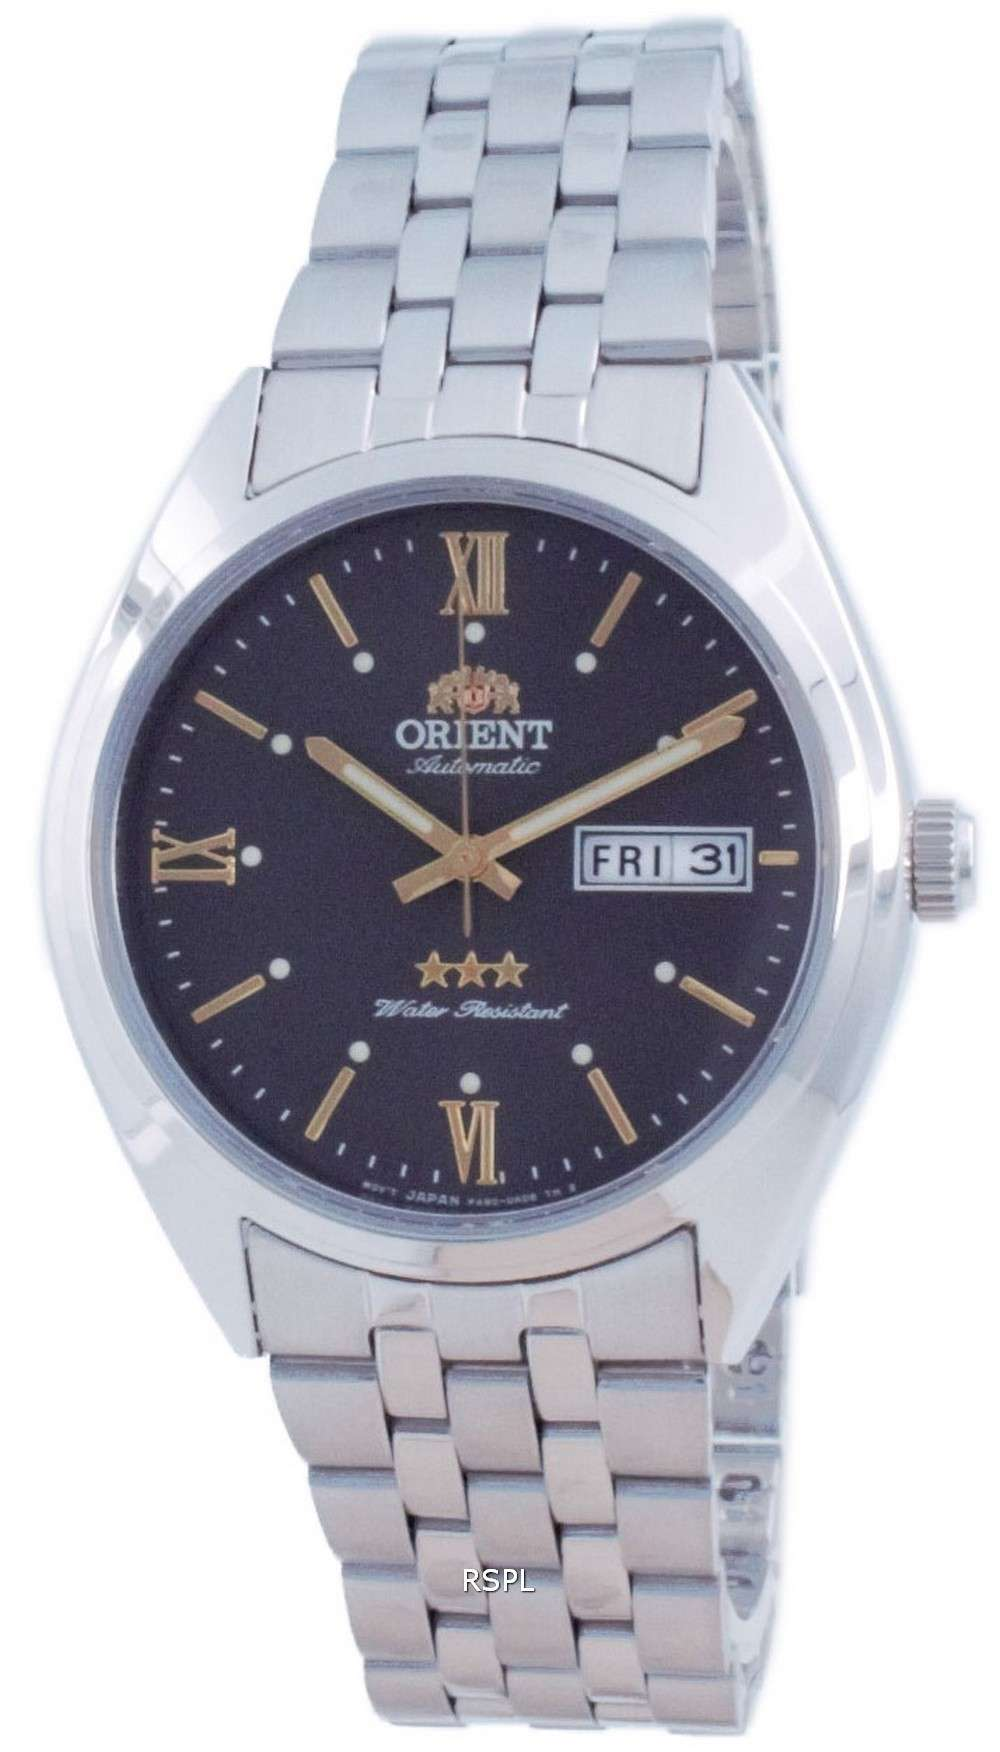 Reloj para hombre Orient Tri Star con esfera gris de acero inoxidable automático RA-AB0E14N19B